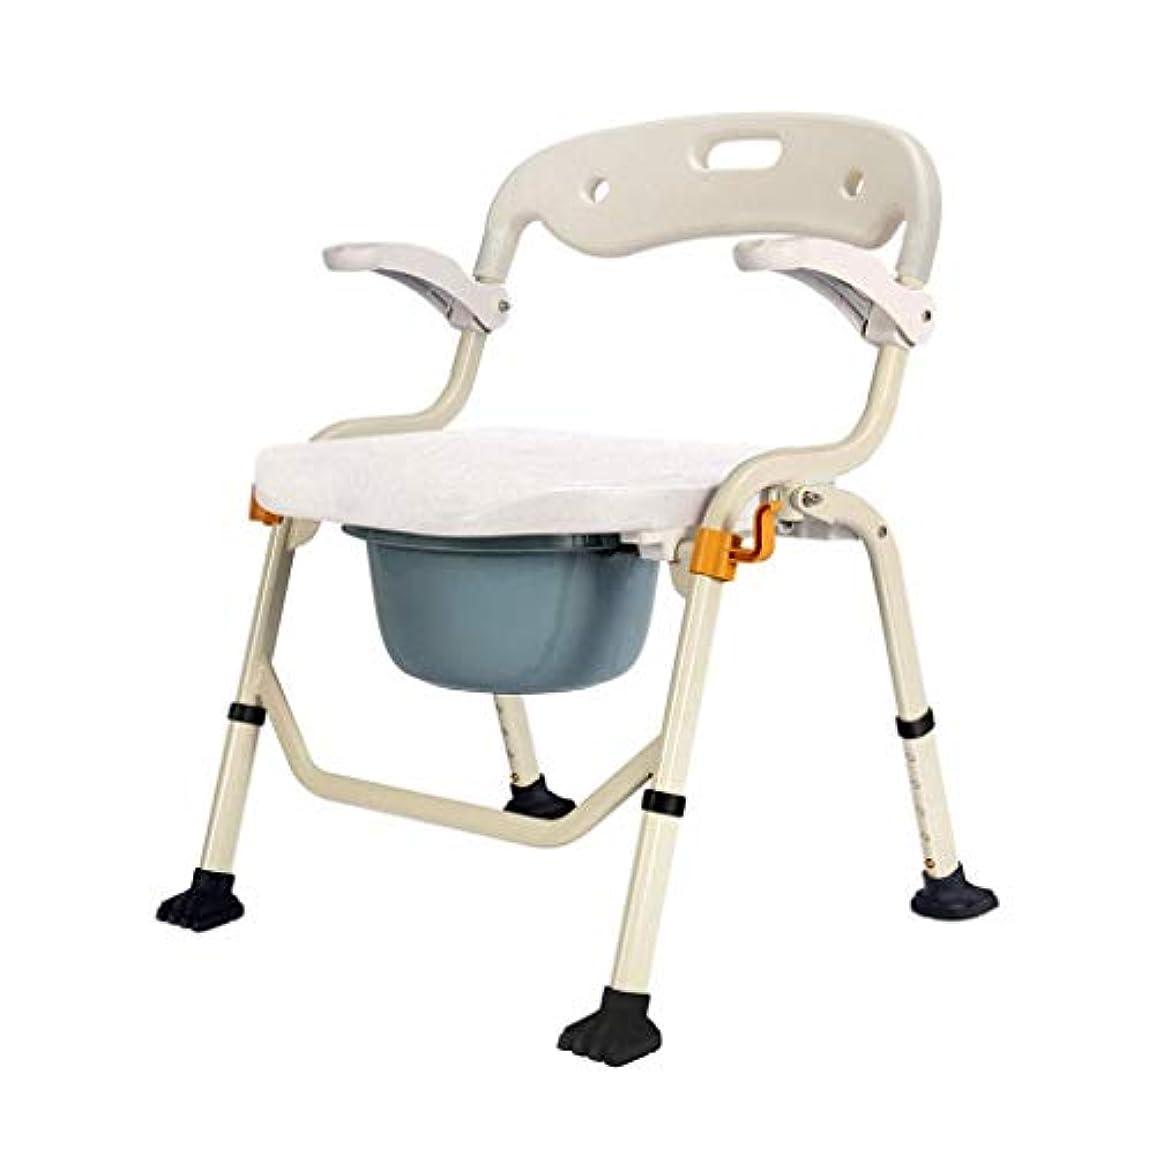 月面で気配りのあるトイレの高さ調節が可能な便器チェア、WCシャワー、肘掛けパッド付きシートおよび背もたれ付き、便器オーディングは簡単に取り外し可能なポット